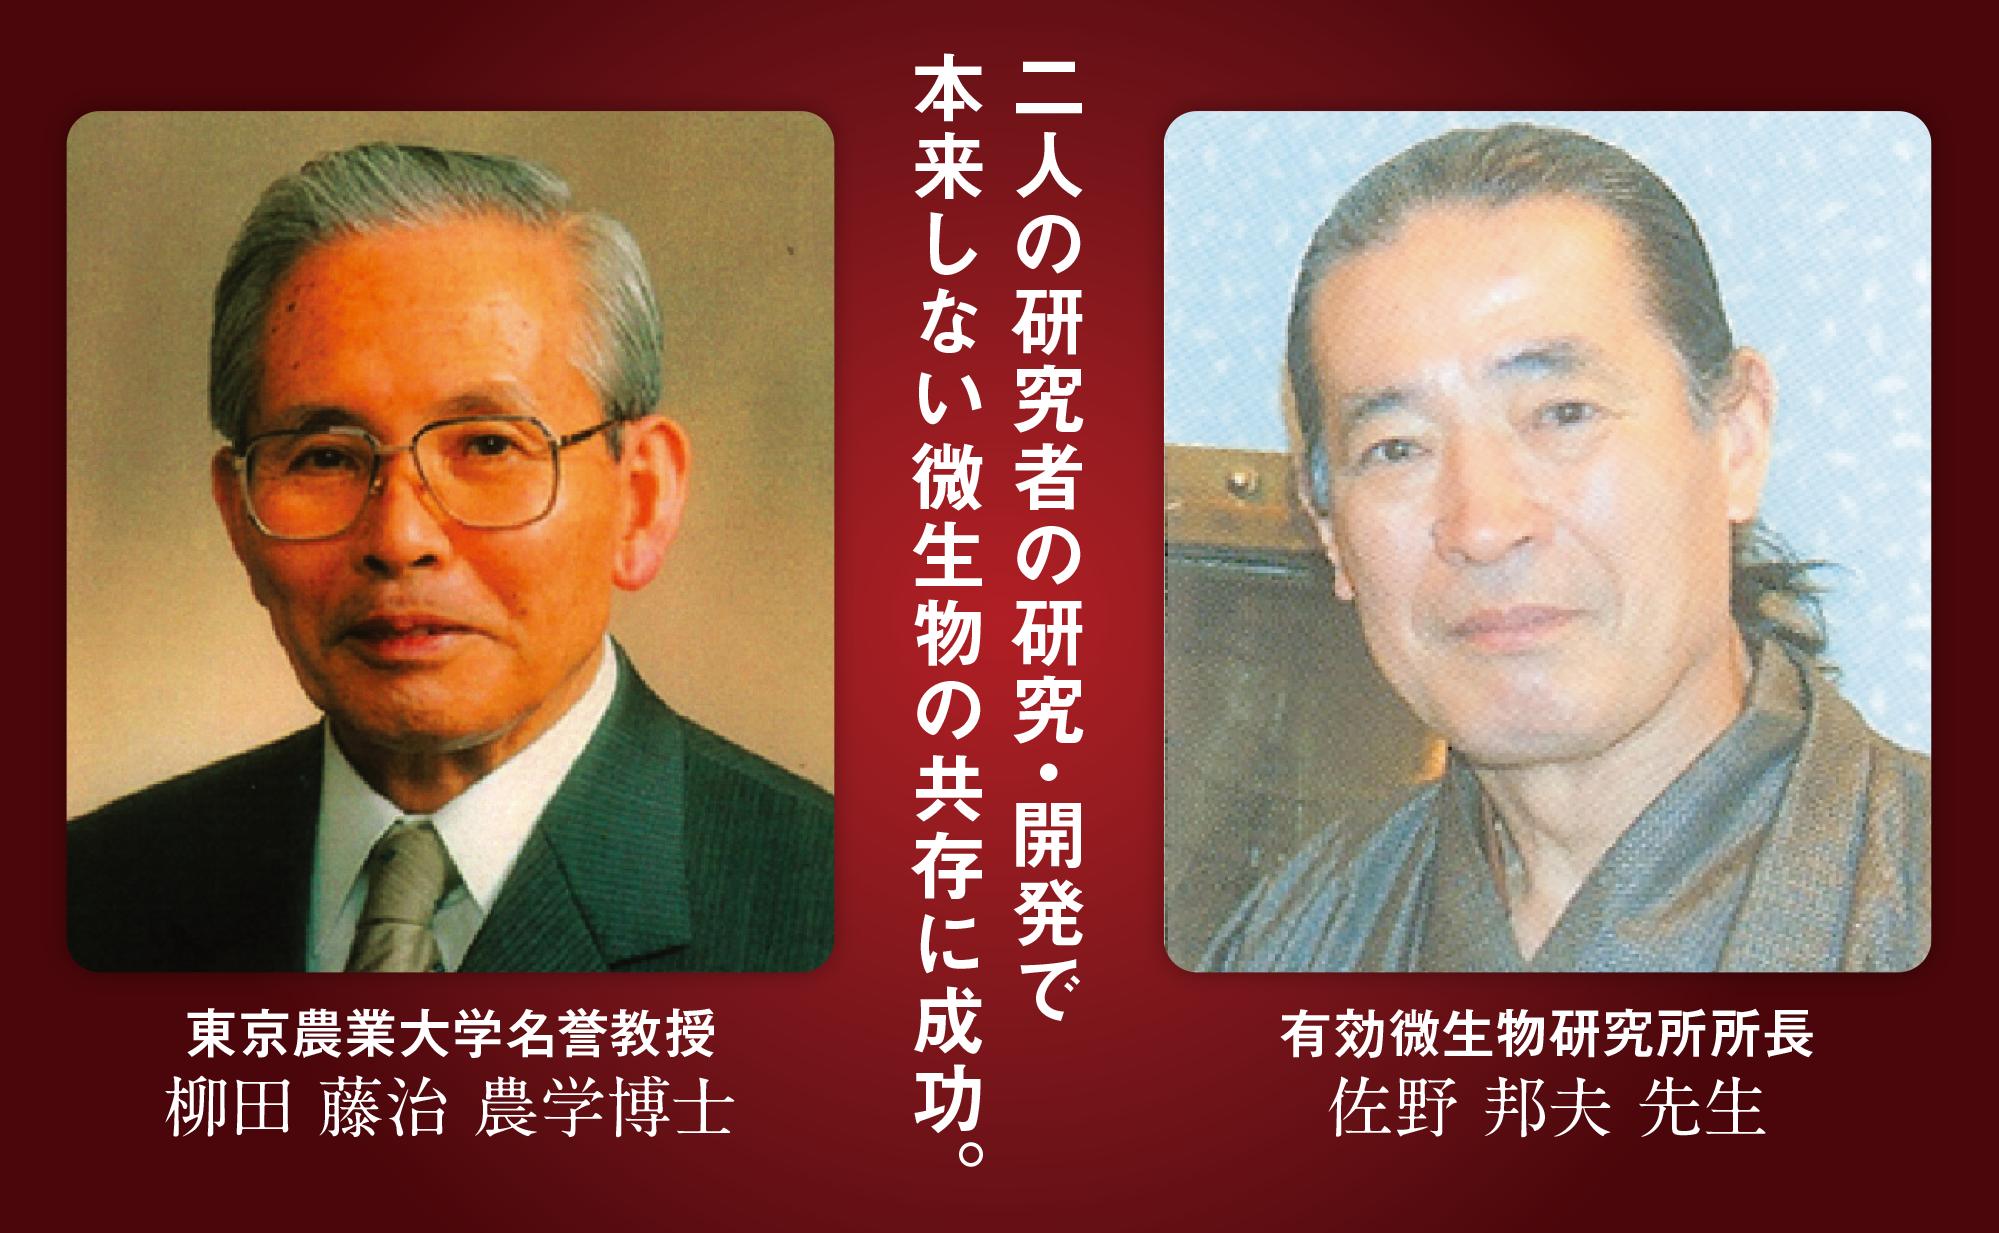 柳田藤治農学博士と佐野邦夫先生